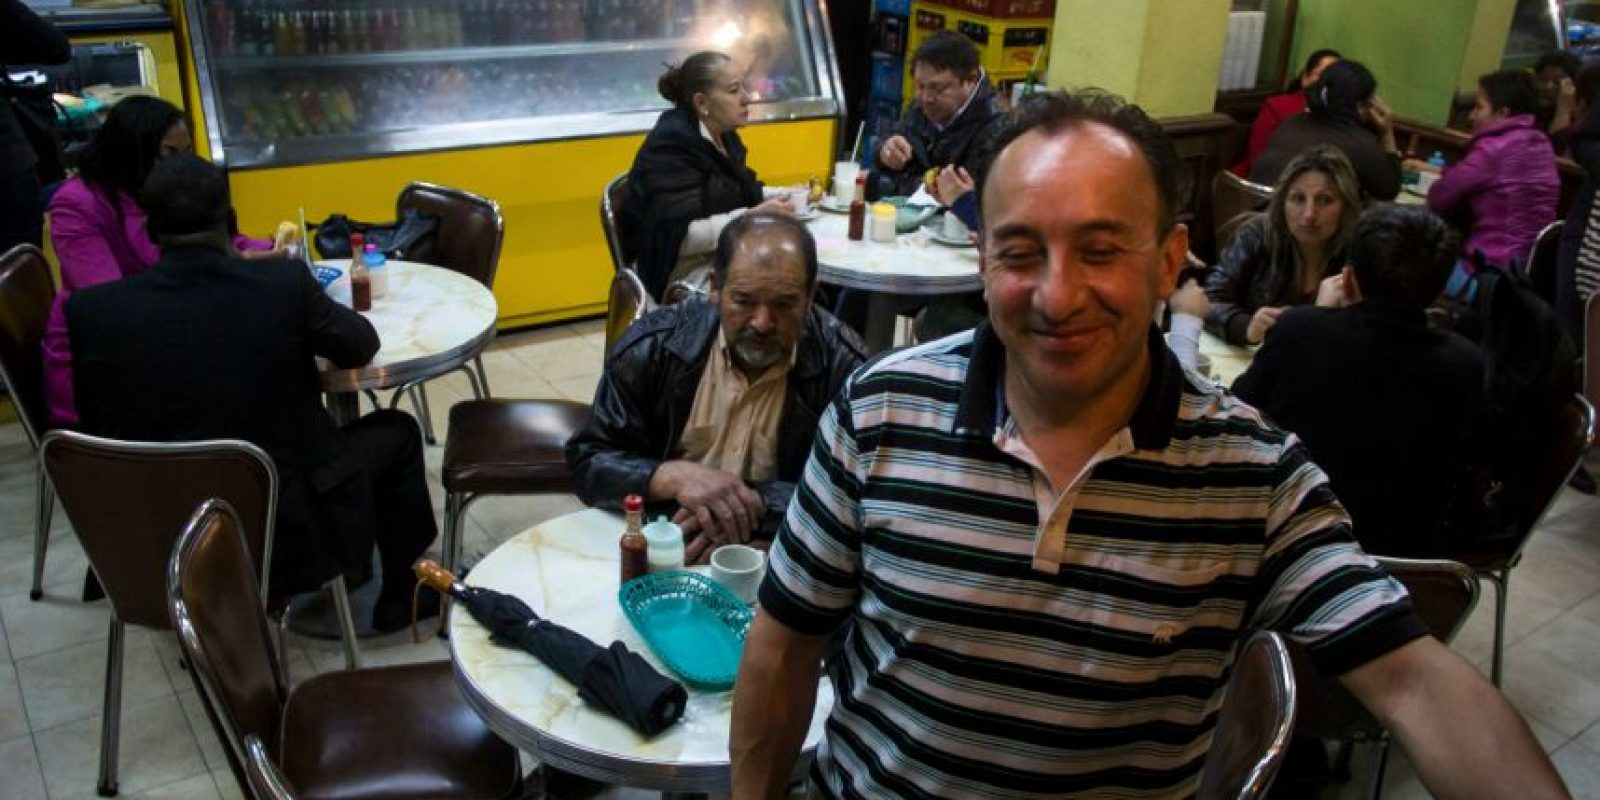 Salon Fontana Café pasteleria: Calle 12 c # 5 – 98 Foto:Carlos Bernate- Publimetro